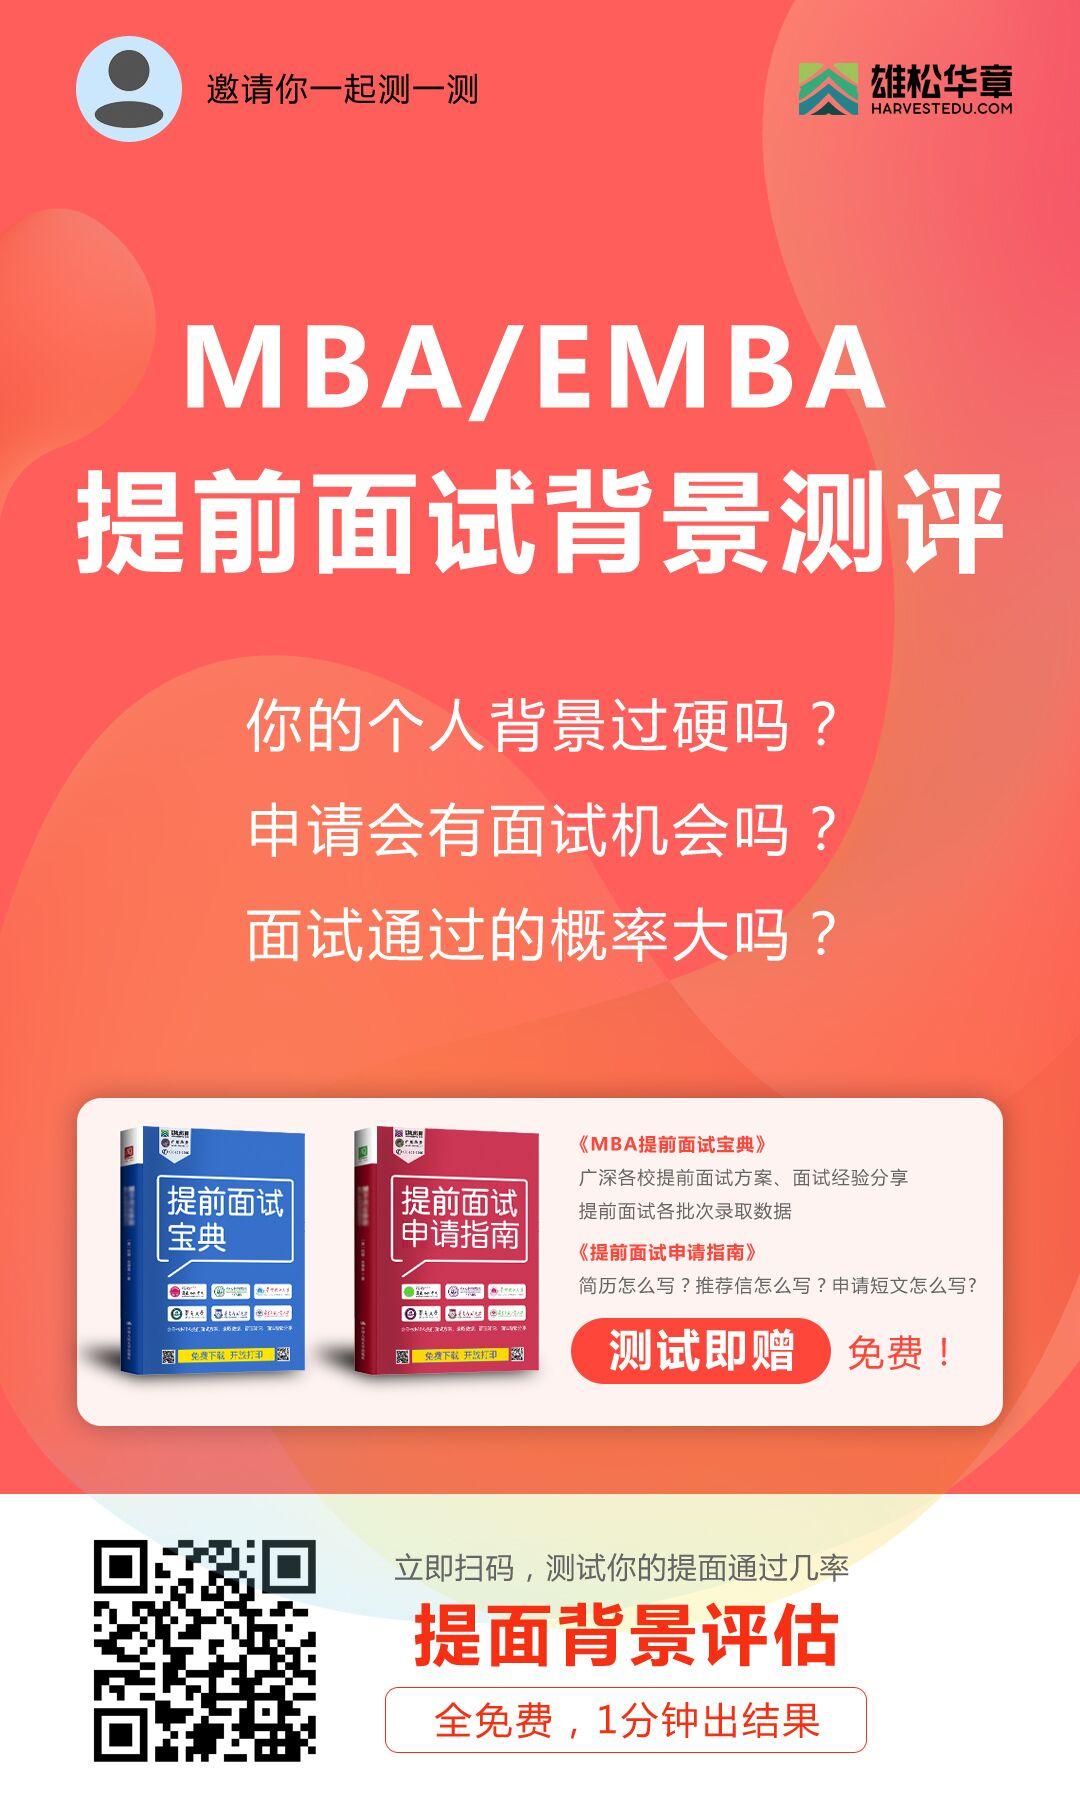 2020年北大光华MBA提前面试通知(学费上涨,取消1个项目)